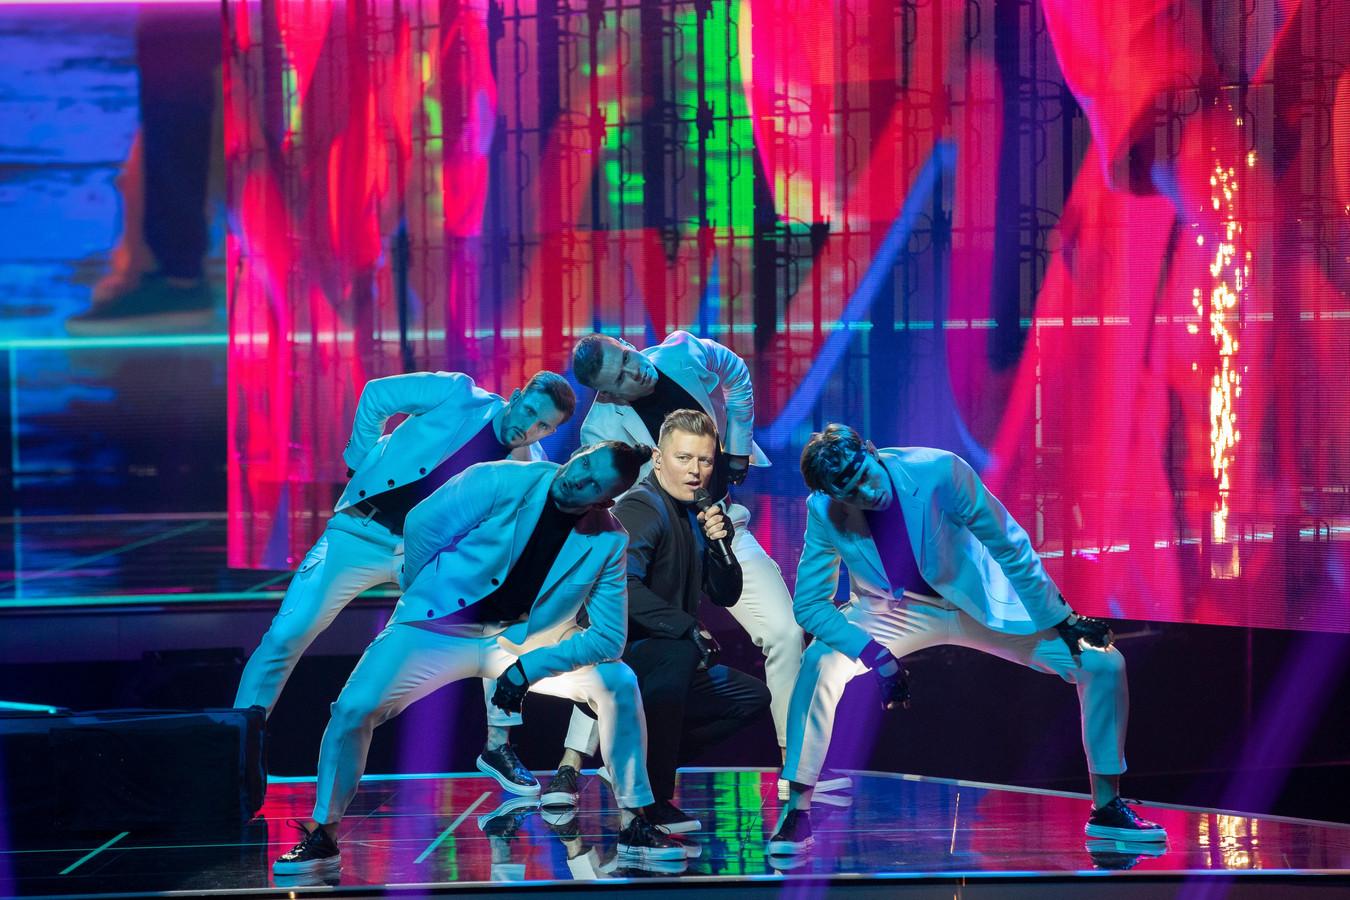 De Poolse zanger Rafal tijdens zijn eerste repetitie voor het Eurovisie Songfestival in Ahoy